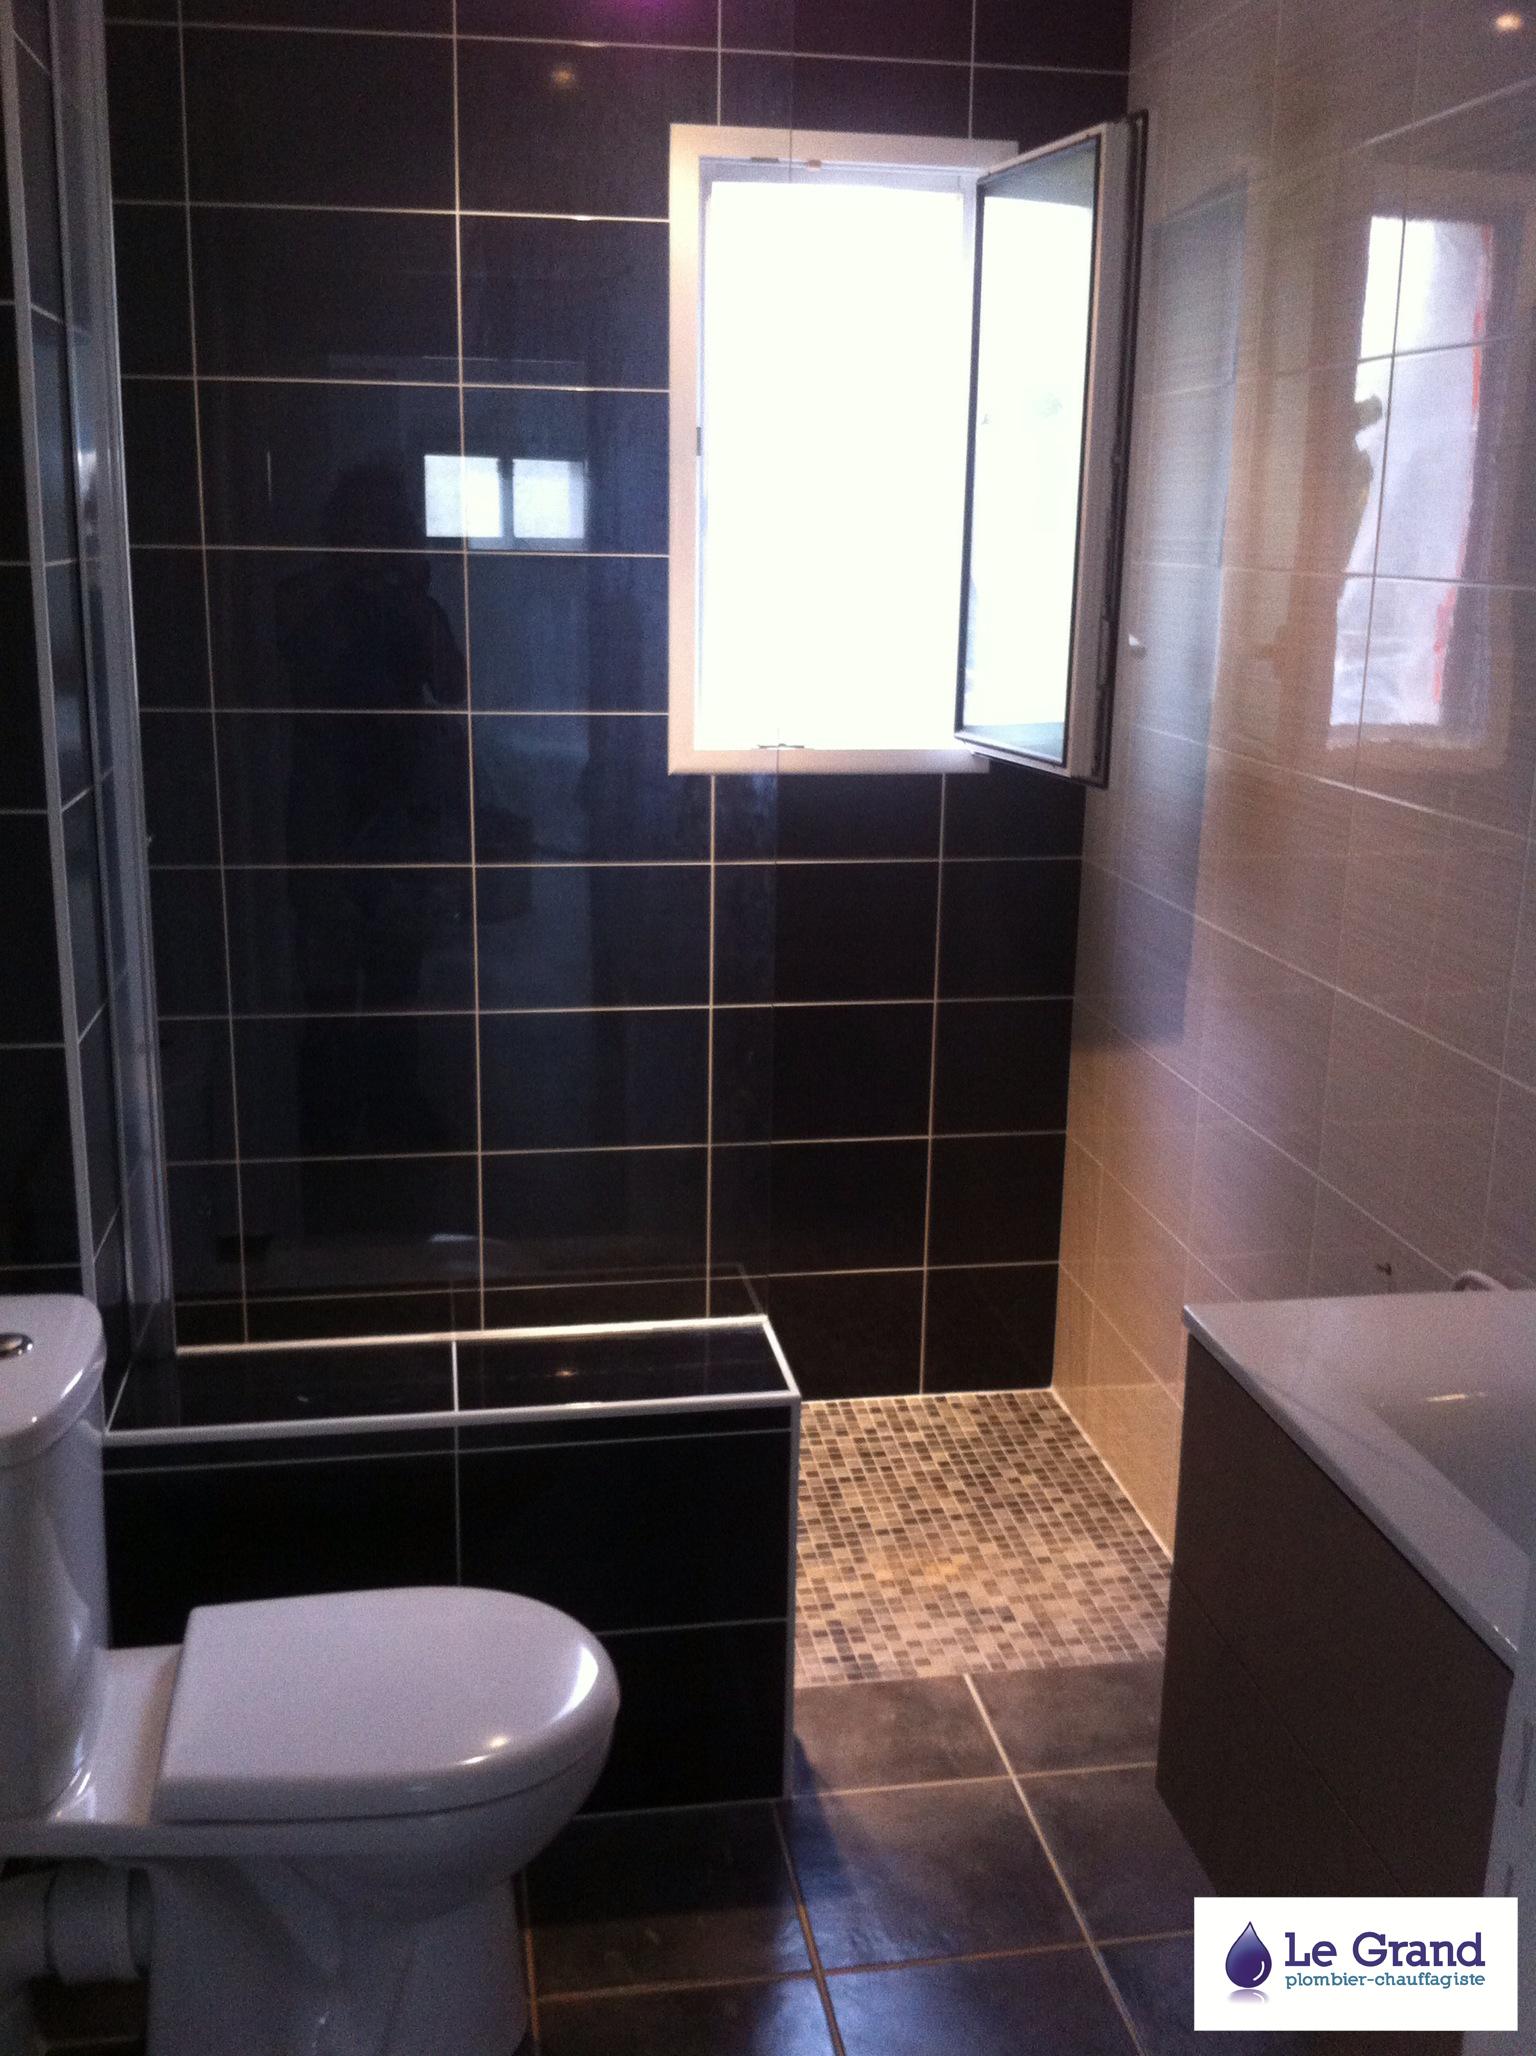 le grand plombier chauffagiste rennes bruz plomberie agencement salle de bains douche